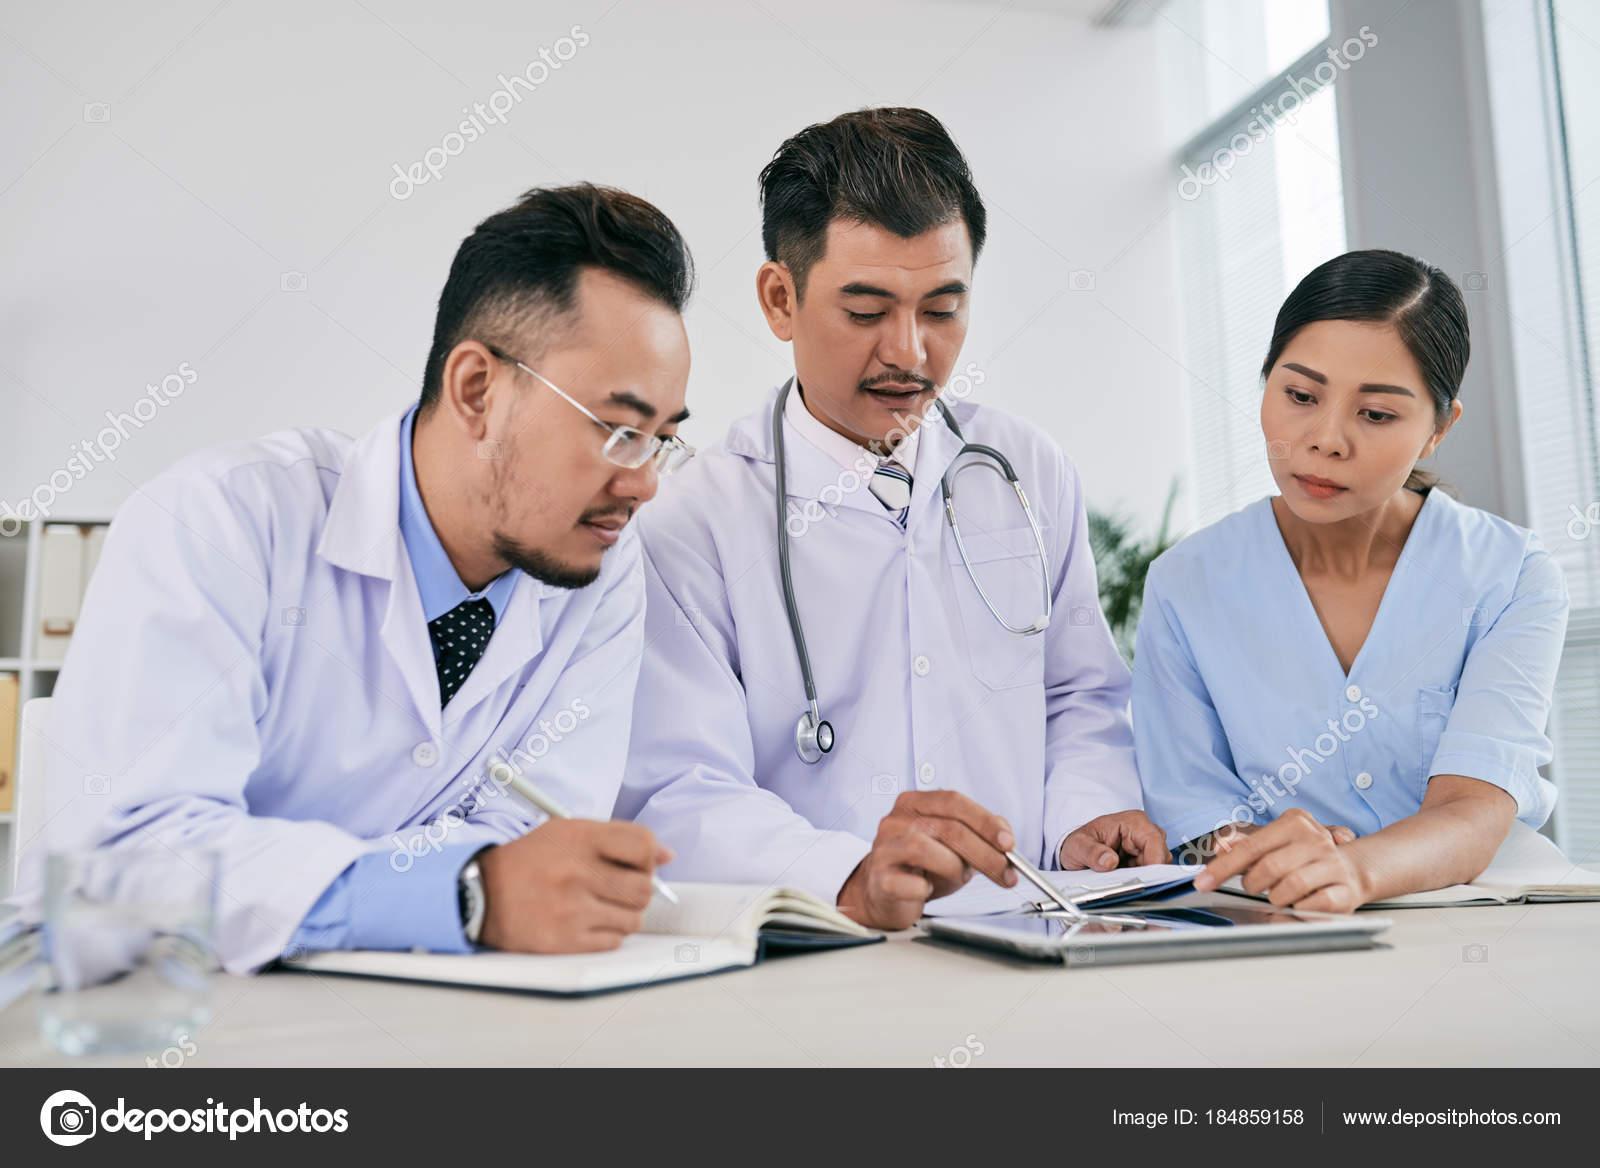 Asian Medical Team Reading Medical History Make Diagnosis — Stock Photo